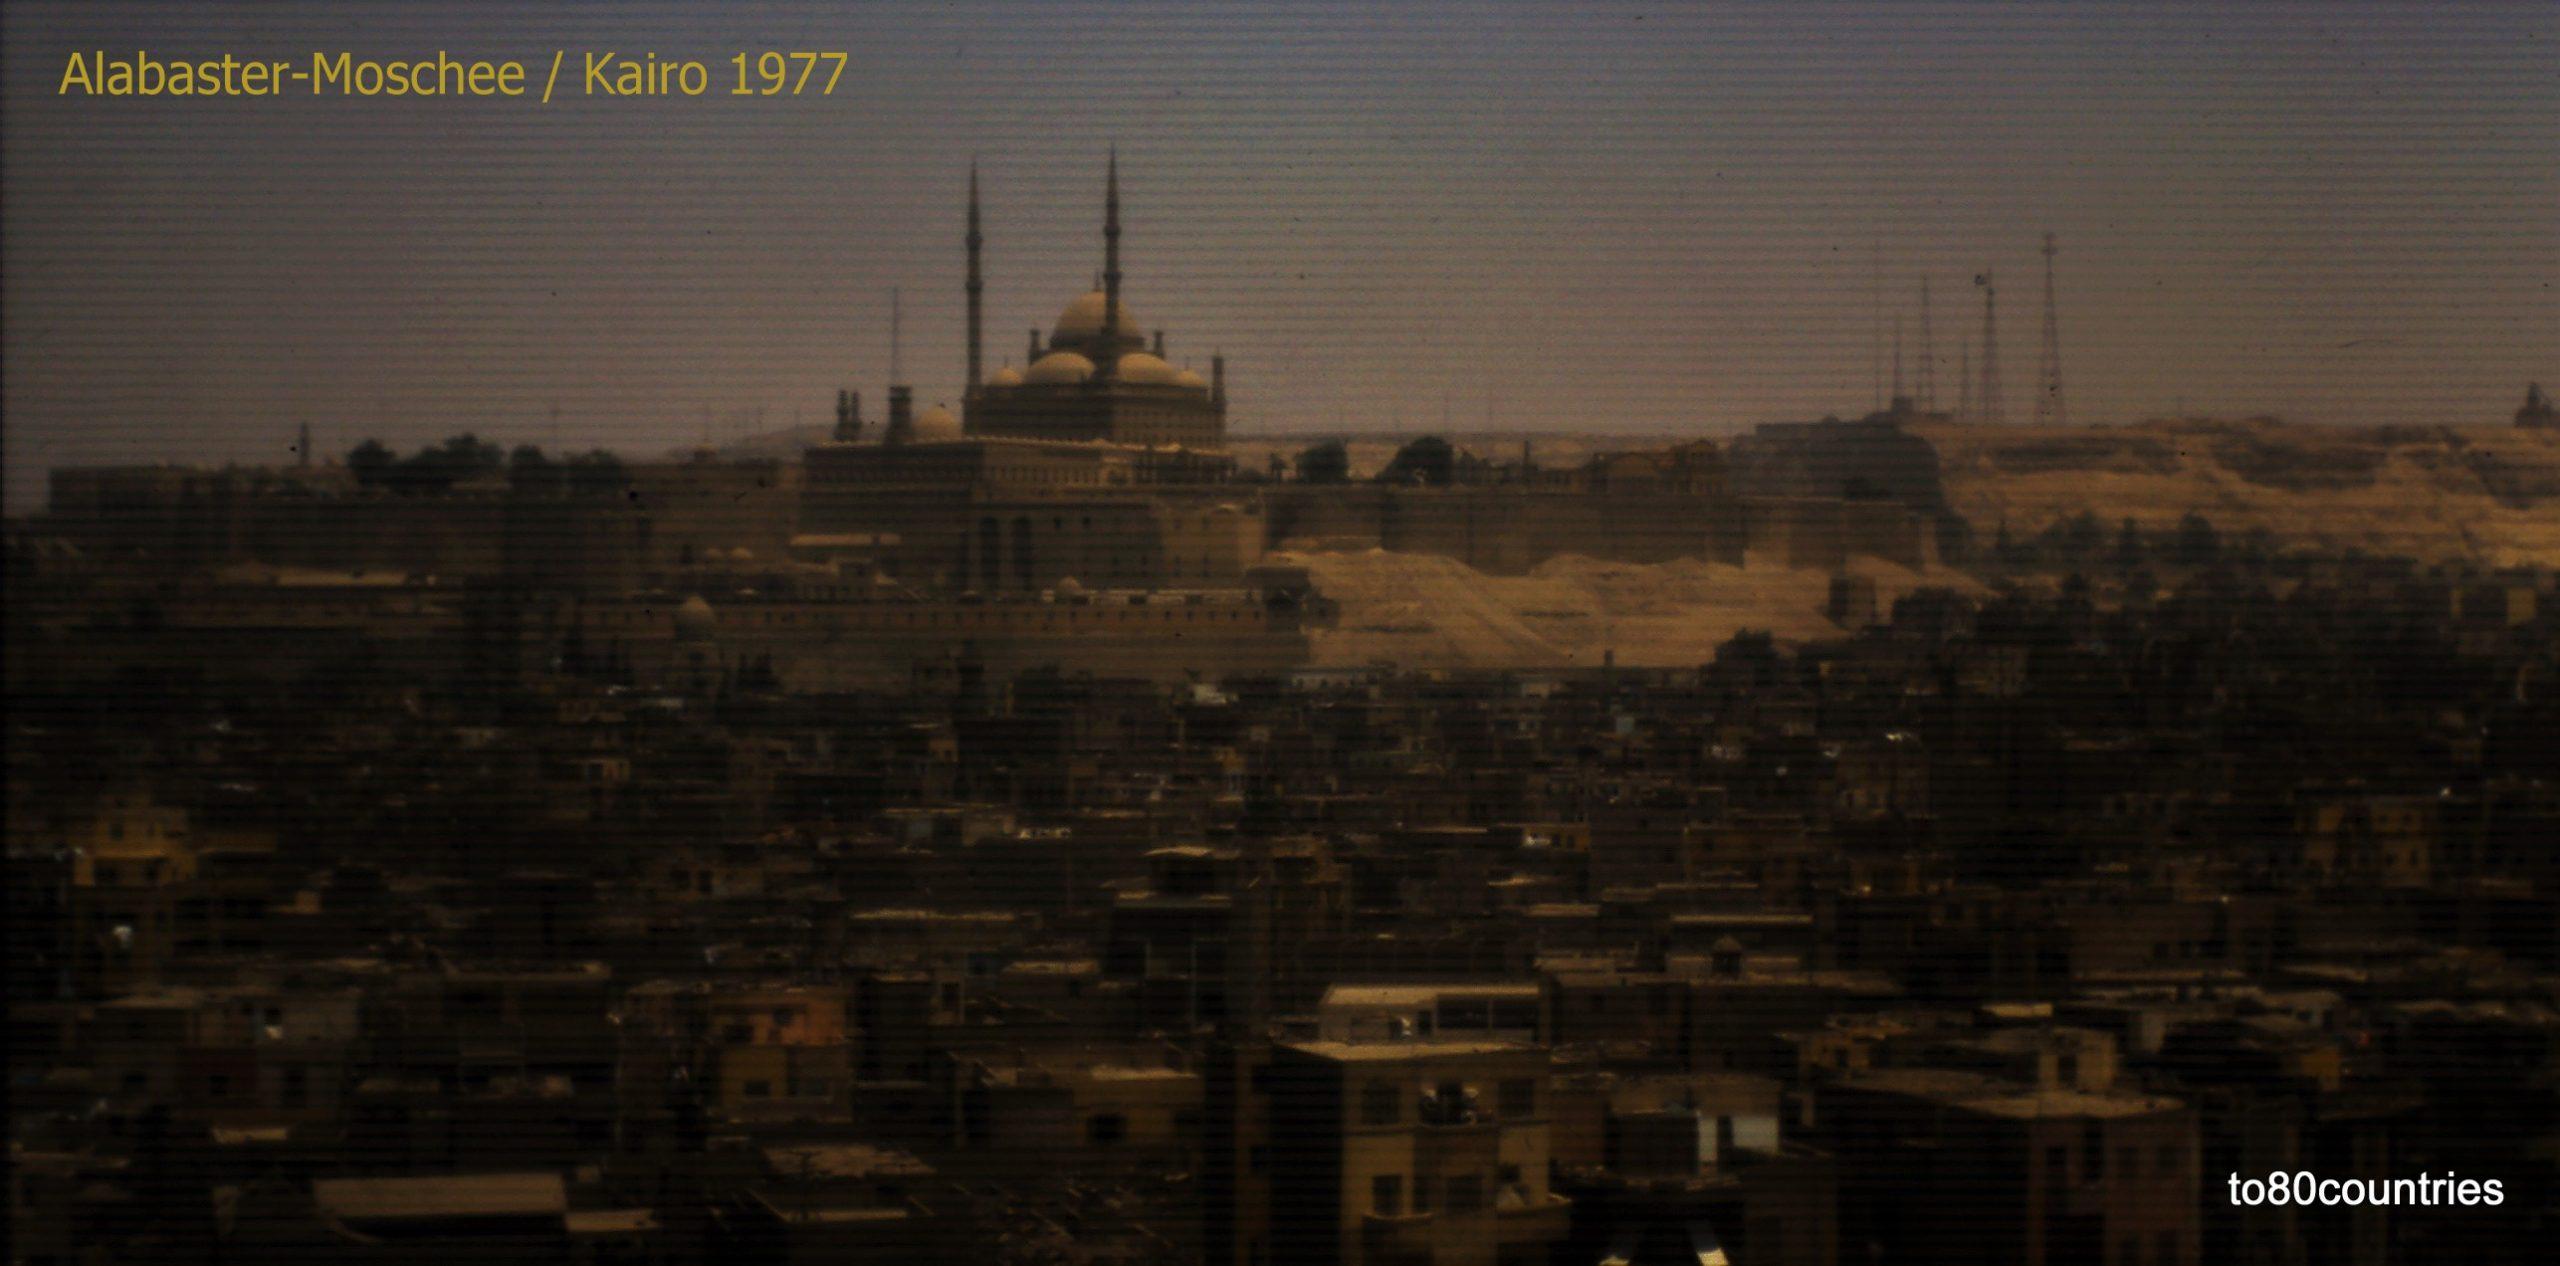 Zitadelle von Kairo mit Alabastermoschee